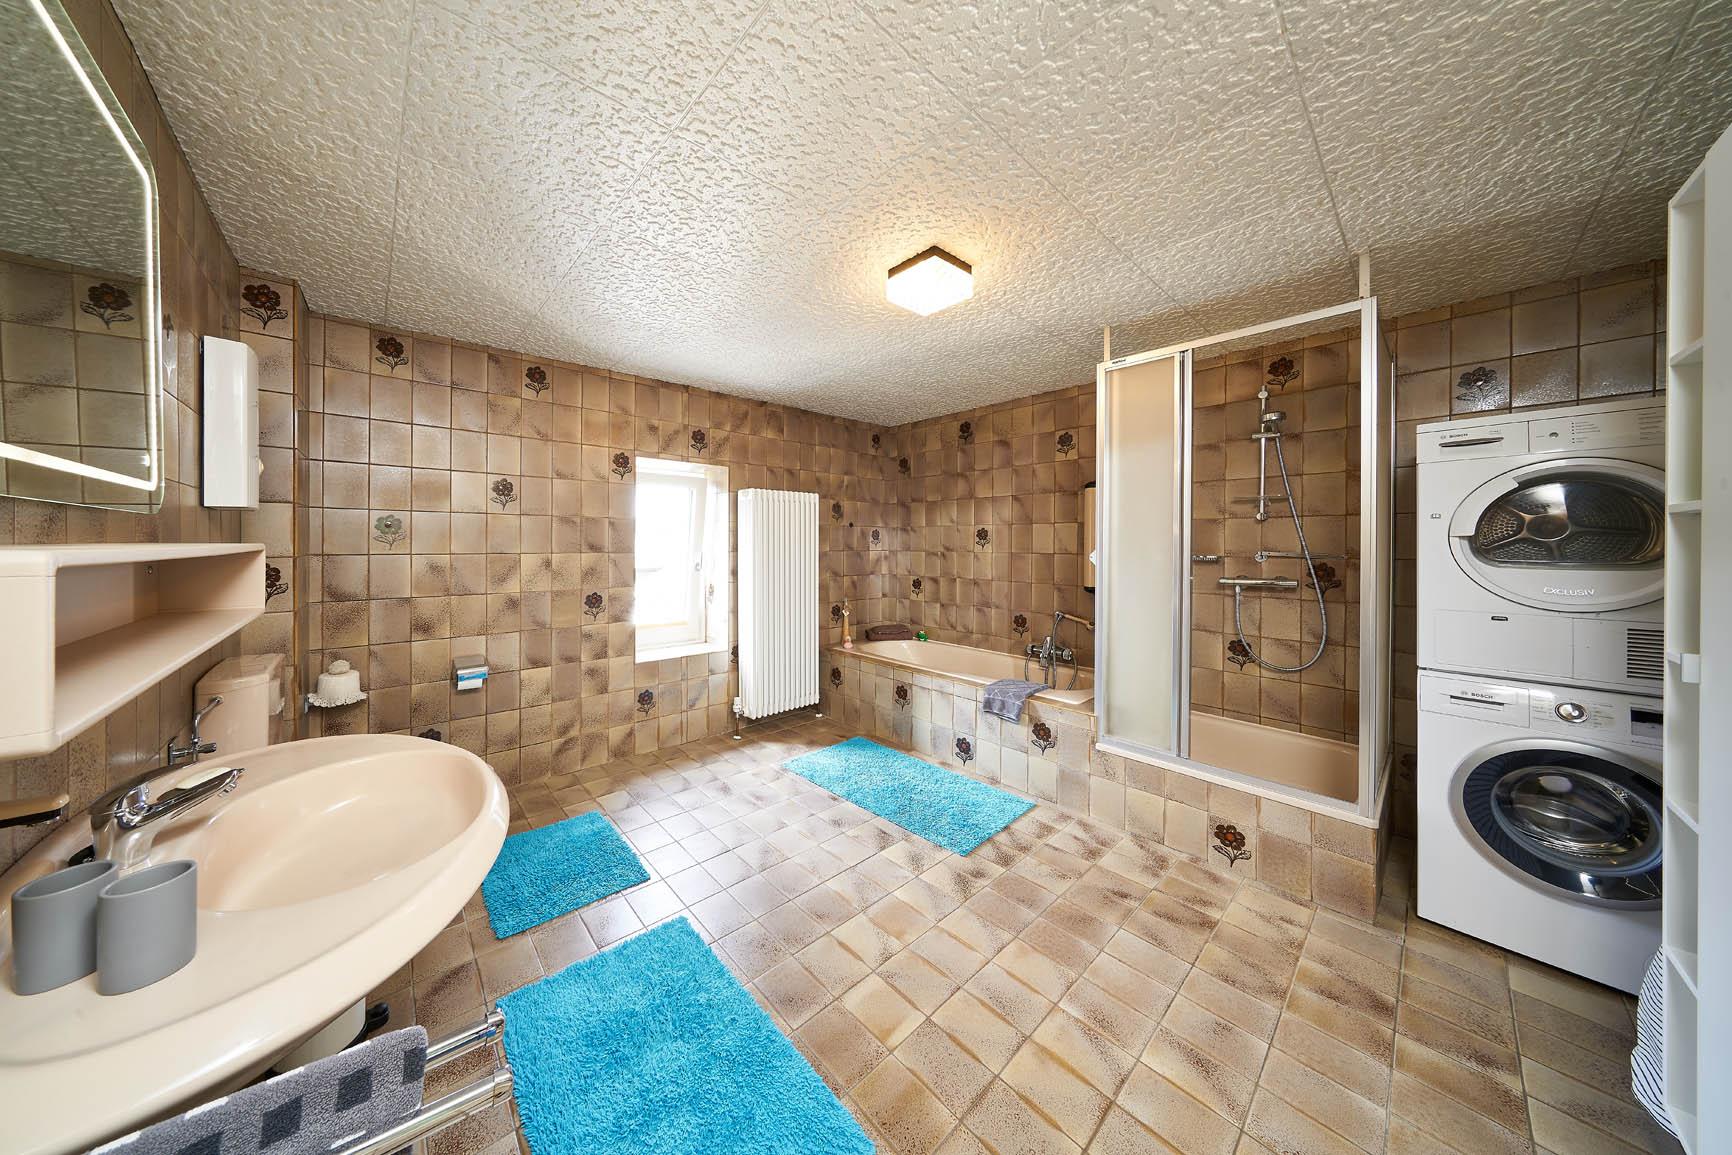 Ferienhaus Mosel-Herberge großes Badezimmer mit Badewanne Dusche Waschmaschine und Trockner